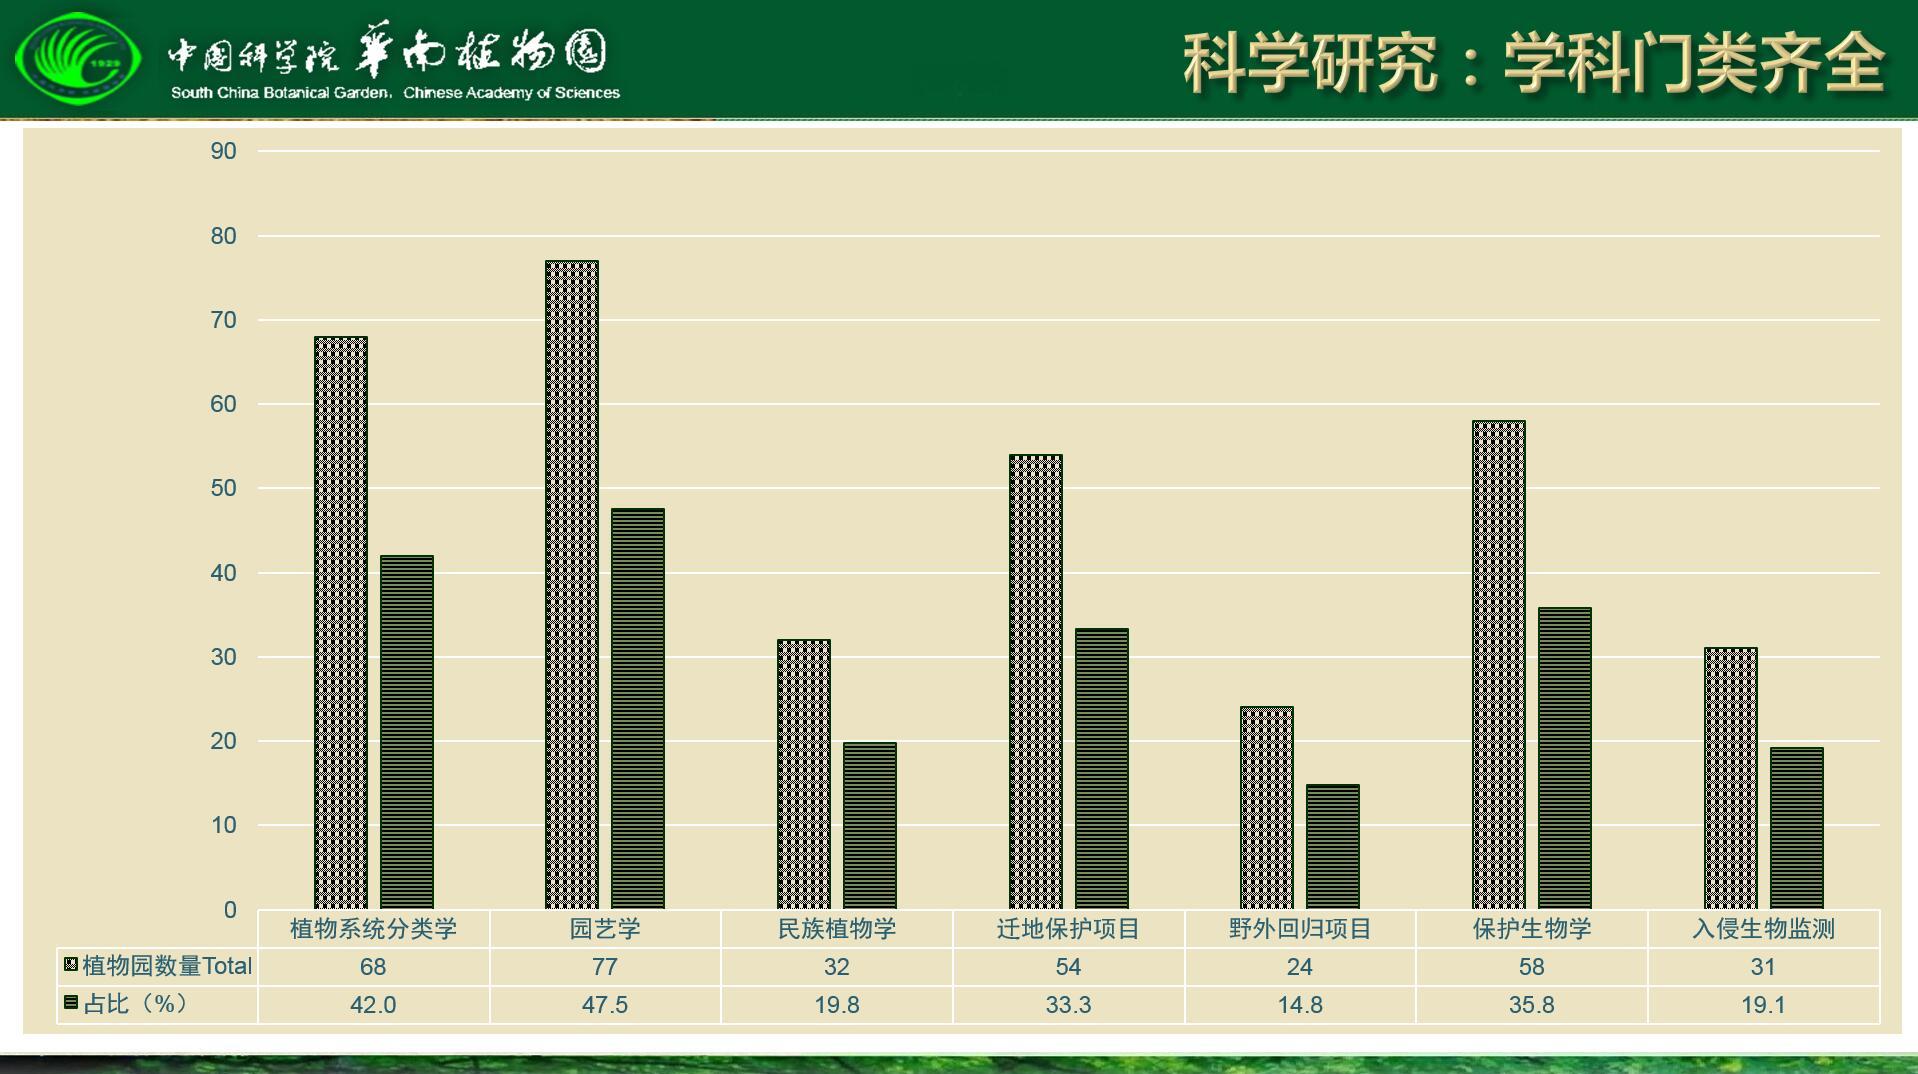 图7-1 我国植物园科学研究.jpg